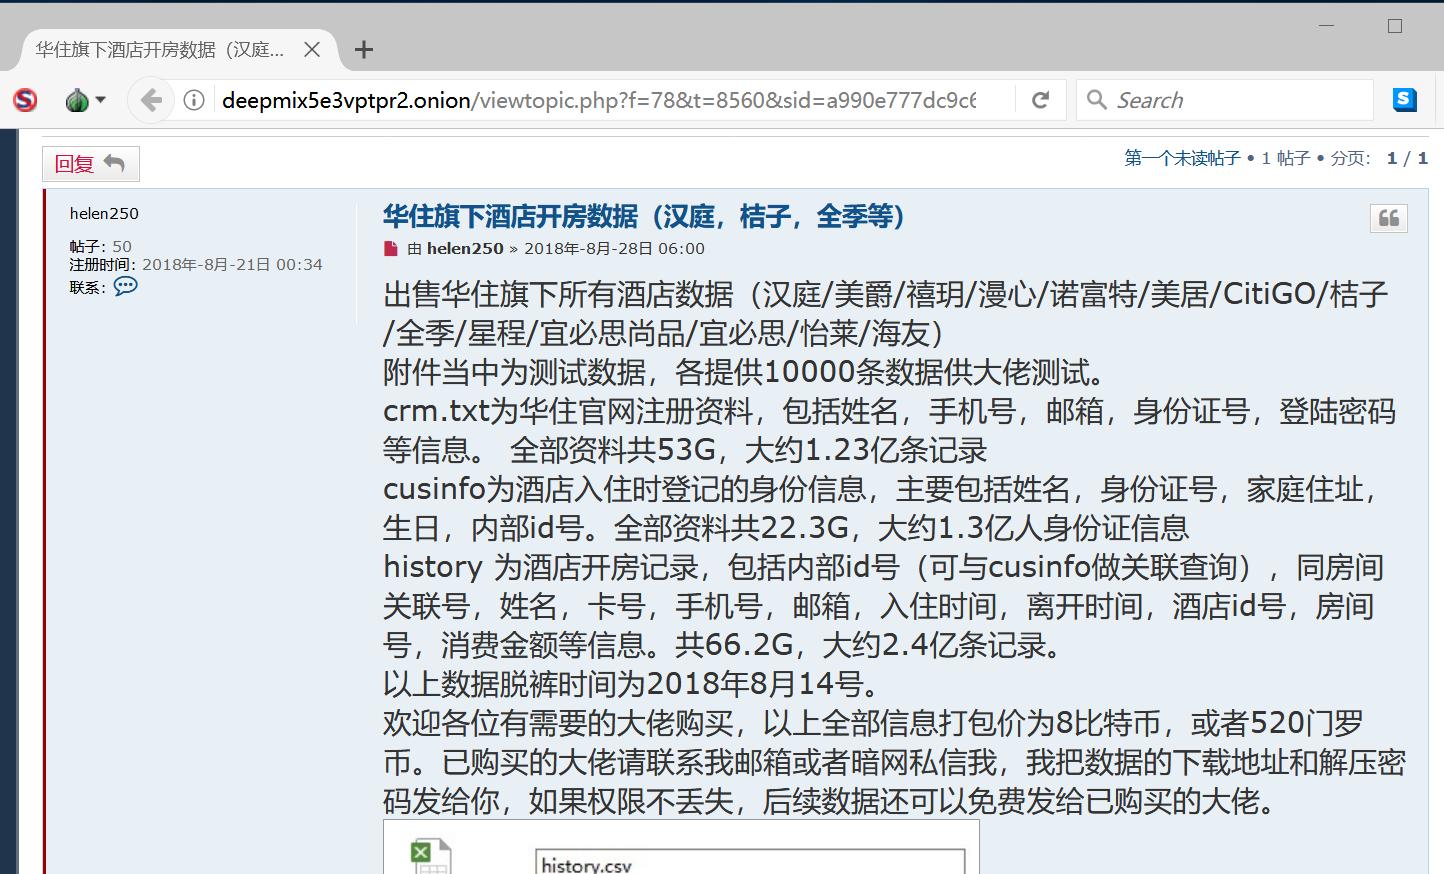 华住旗下所有酒店,信息全部泄露,达到1.3亿